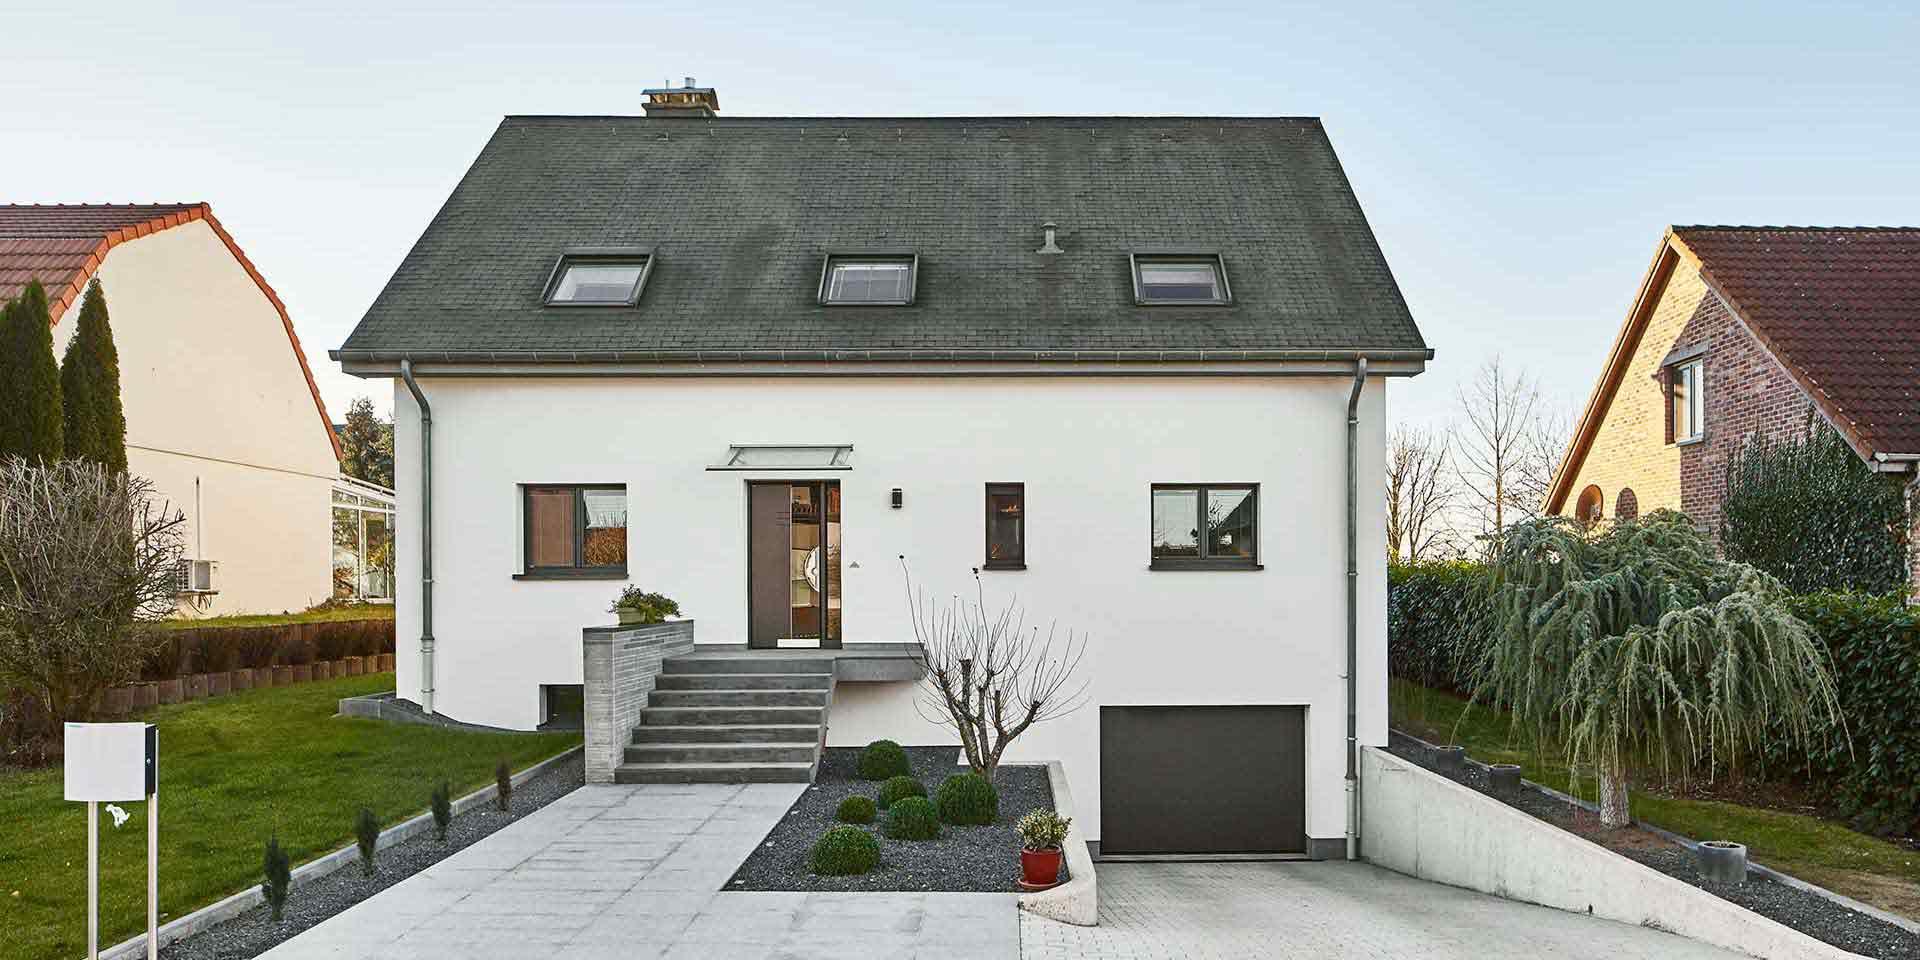 Weißes Einfamilienhaus mit einer grauen Coplaning Haustür, grauen einbruchsicheren Coplaning Alu Fenster und einem grauen Garagentor.